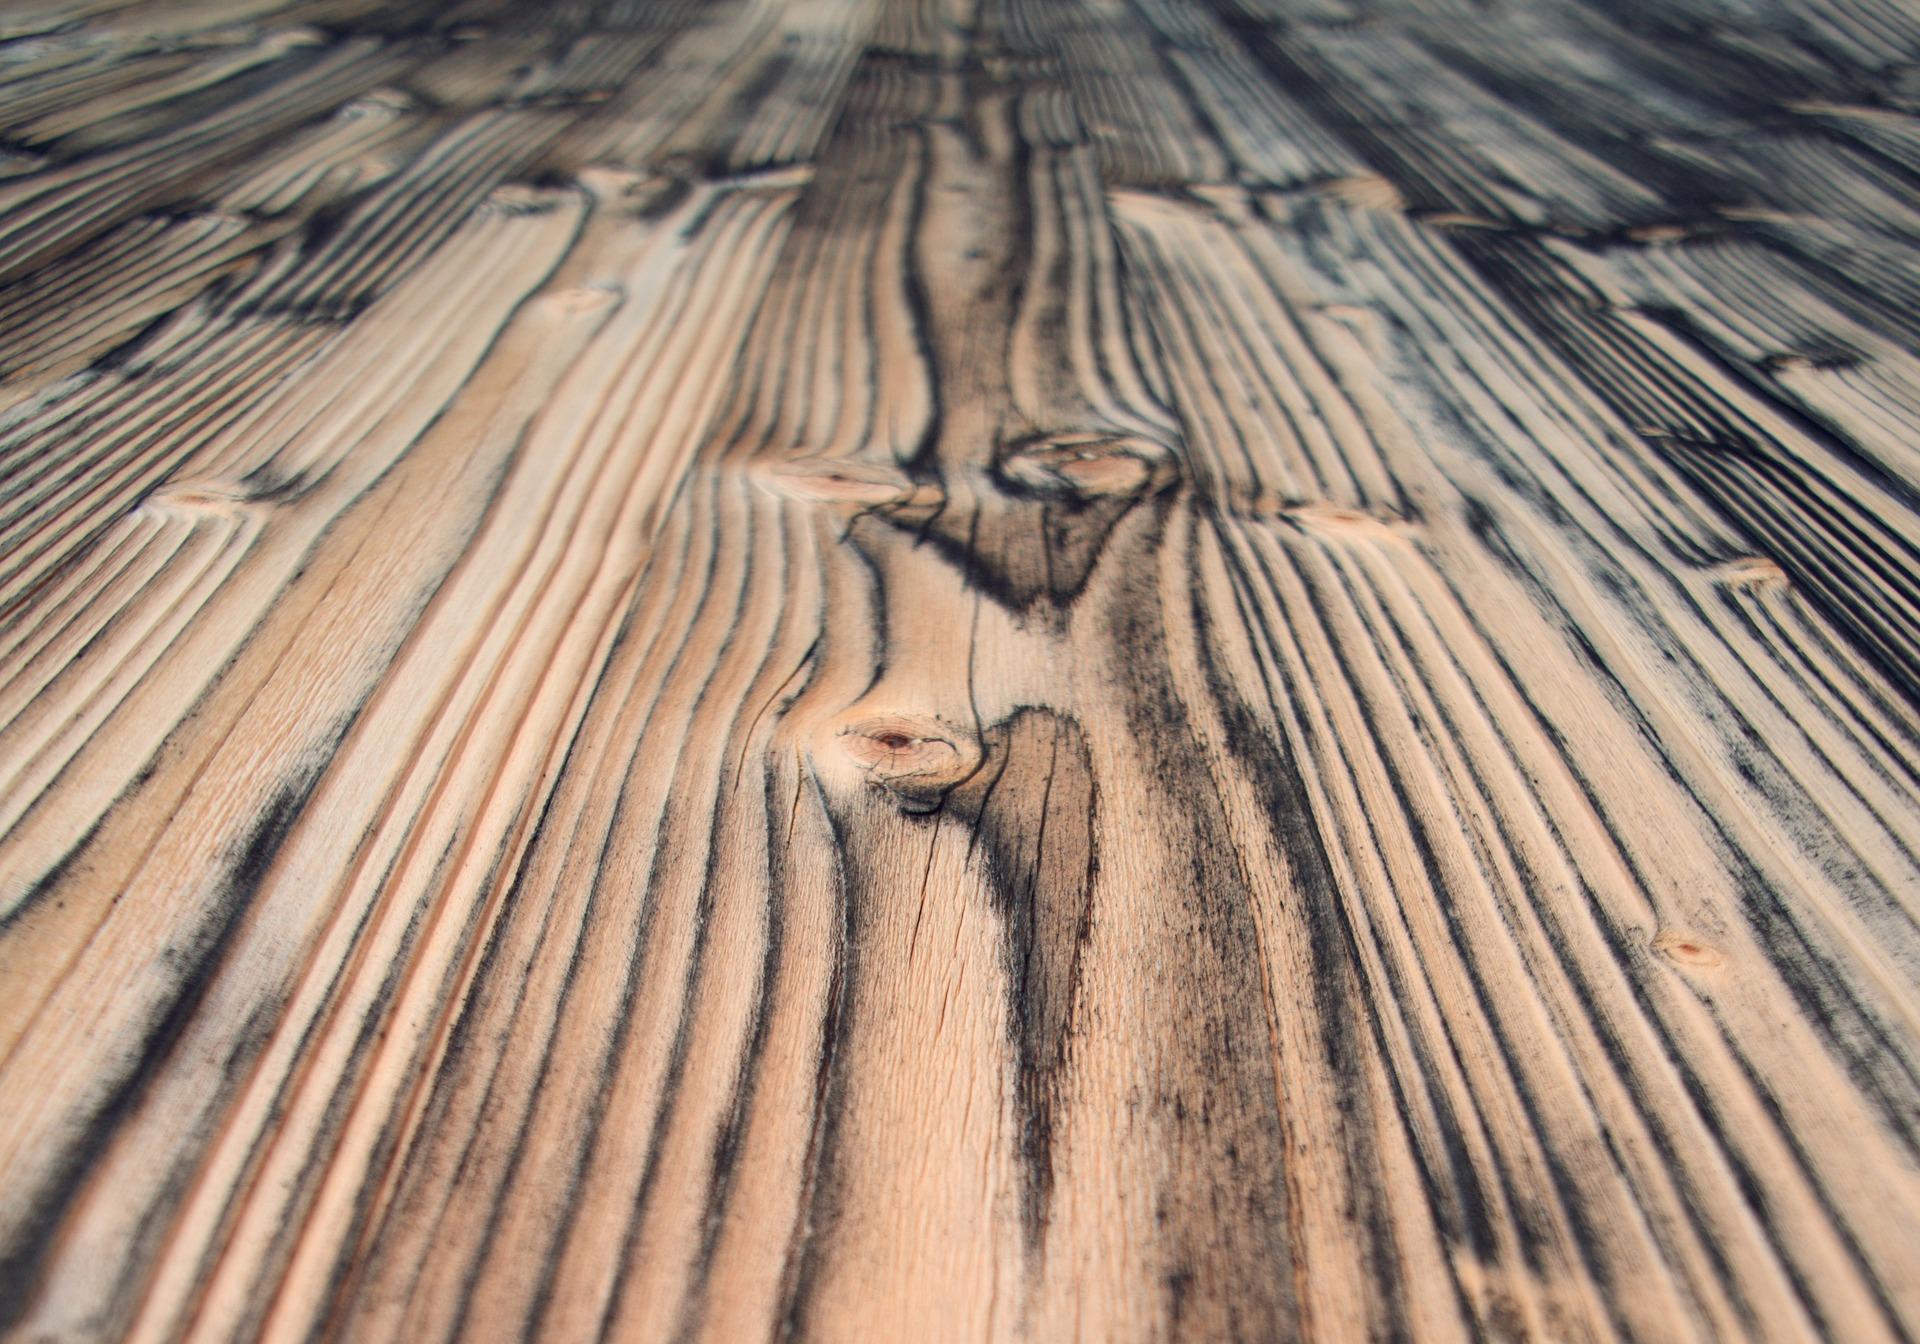 Renowacja podłogi z drewna — o czym warto wiedzieć i jak się do tego przygotować?